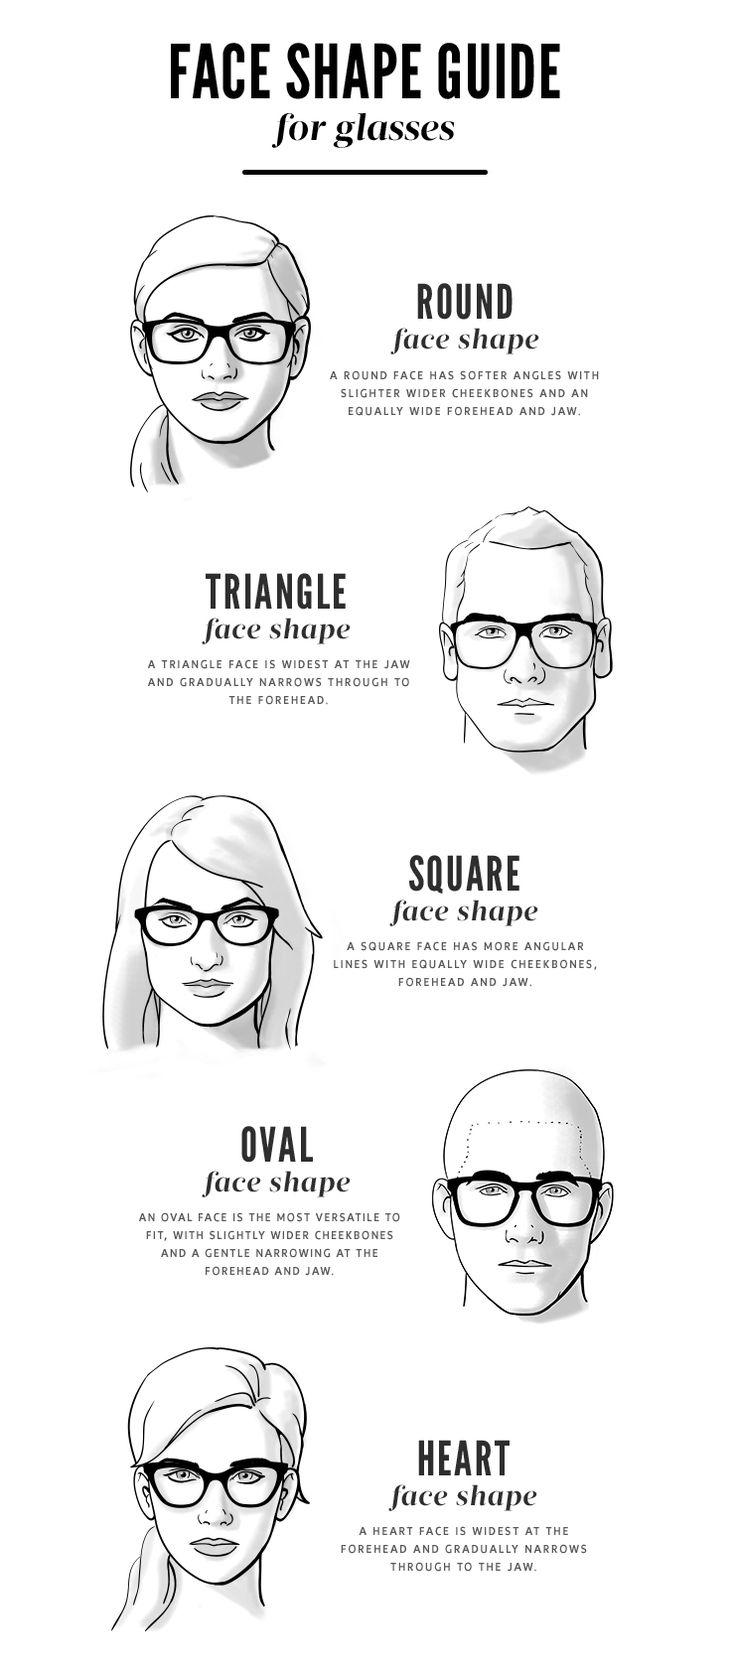 ae729ba13b5 Face Shape Guide for Glasses